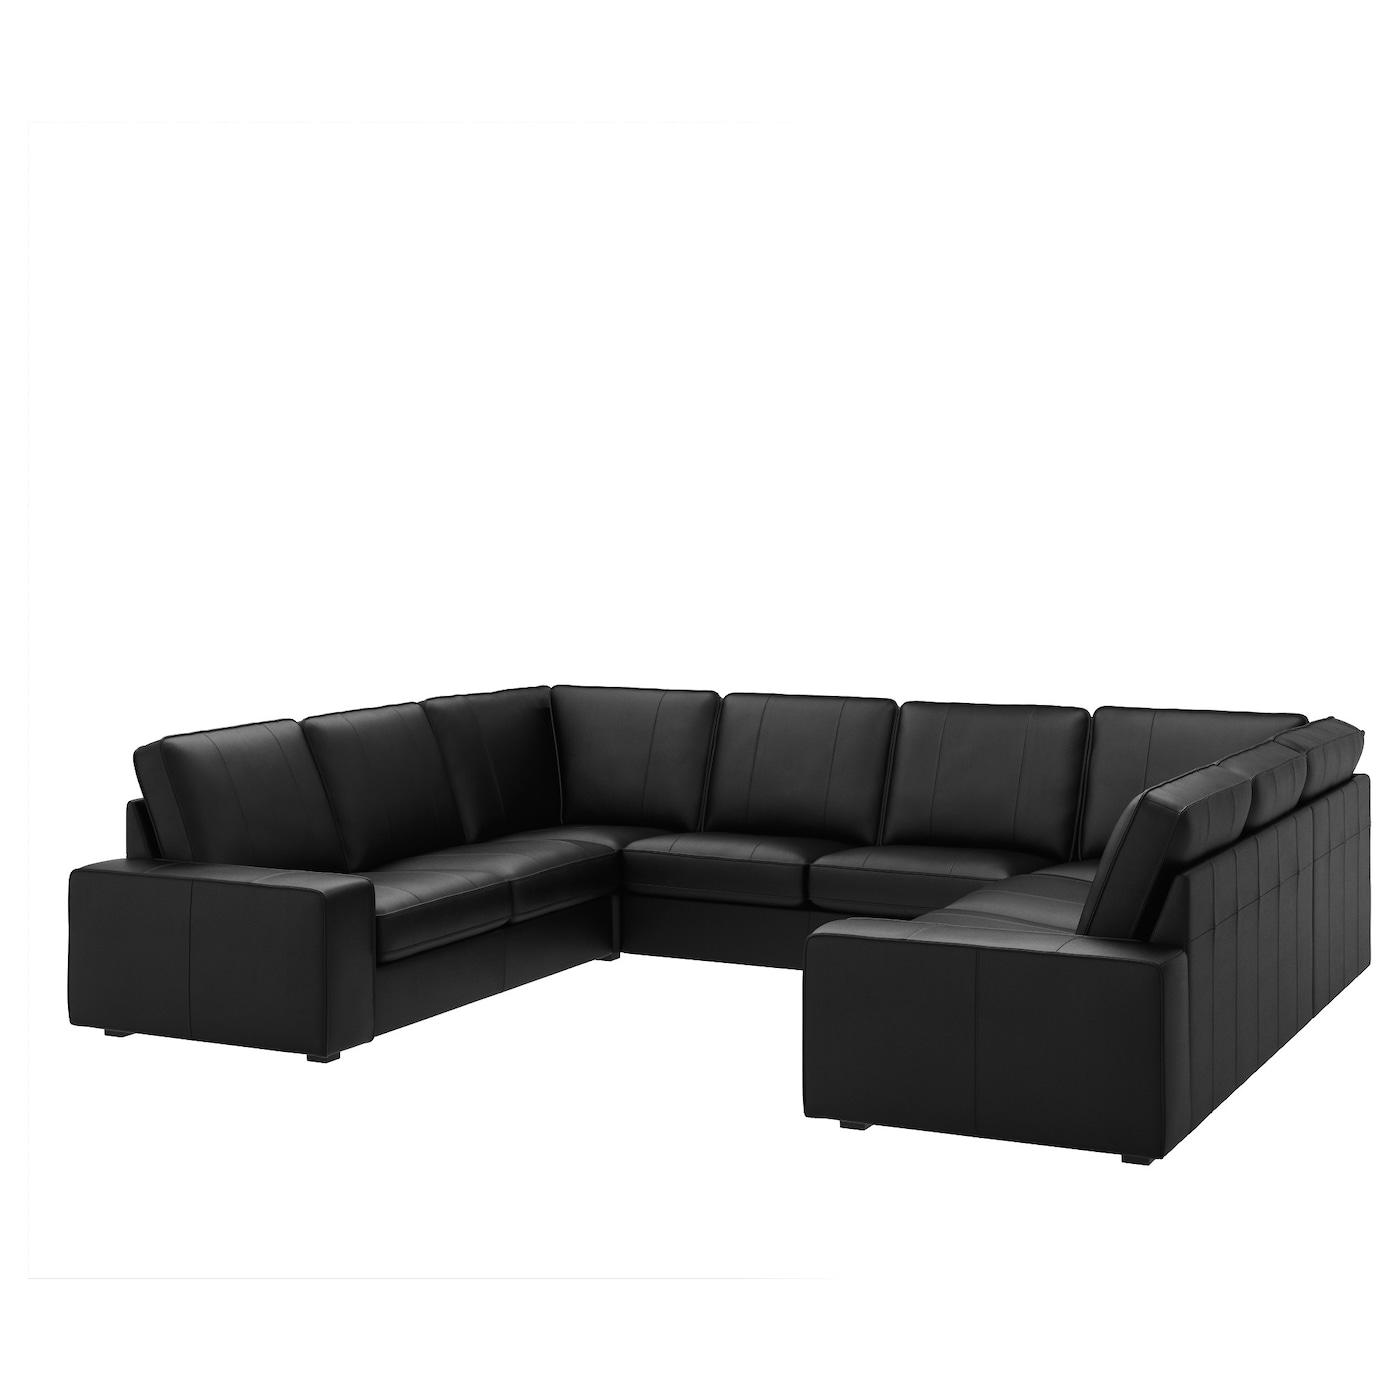 Leather Sofas & Coated Fabric Sofas | IKEA Ireland